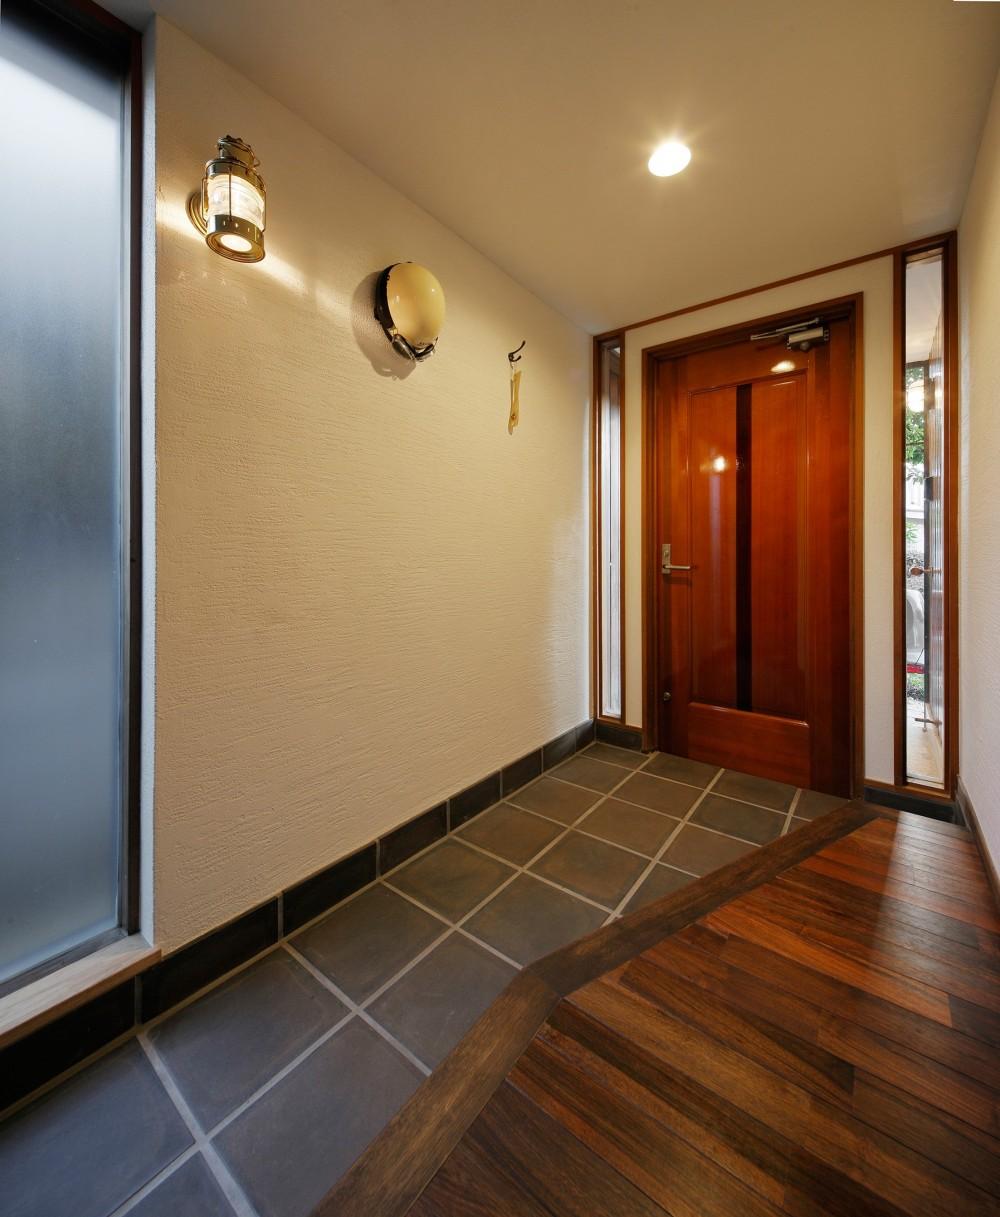 築50年木造の家-古きよき姿を残しながら住み継ぐリノベーション- (重厚感が漂う上質の玄関)